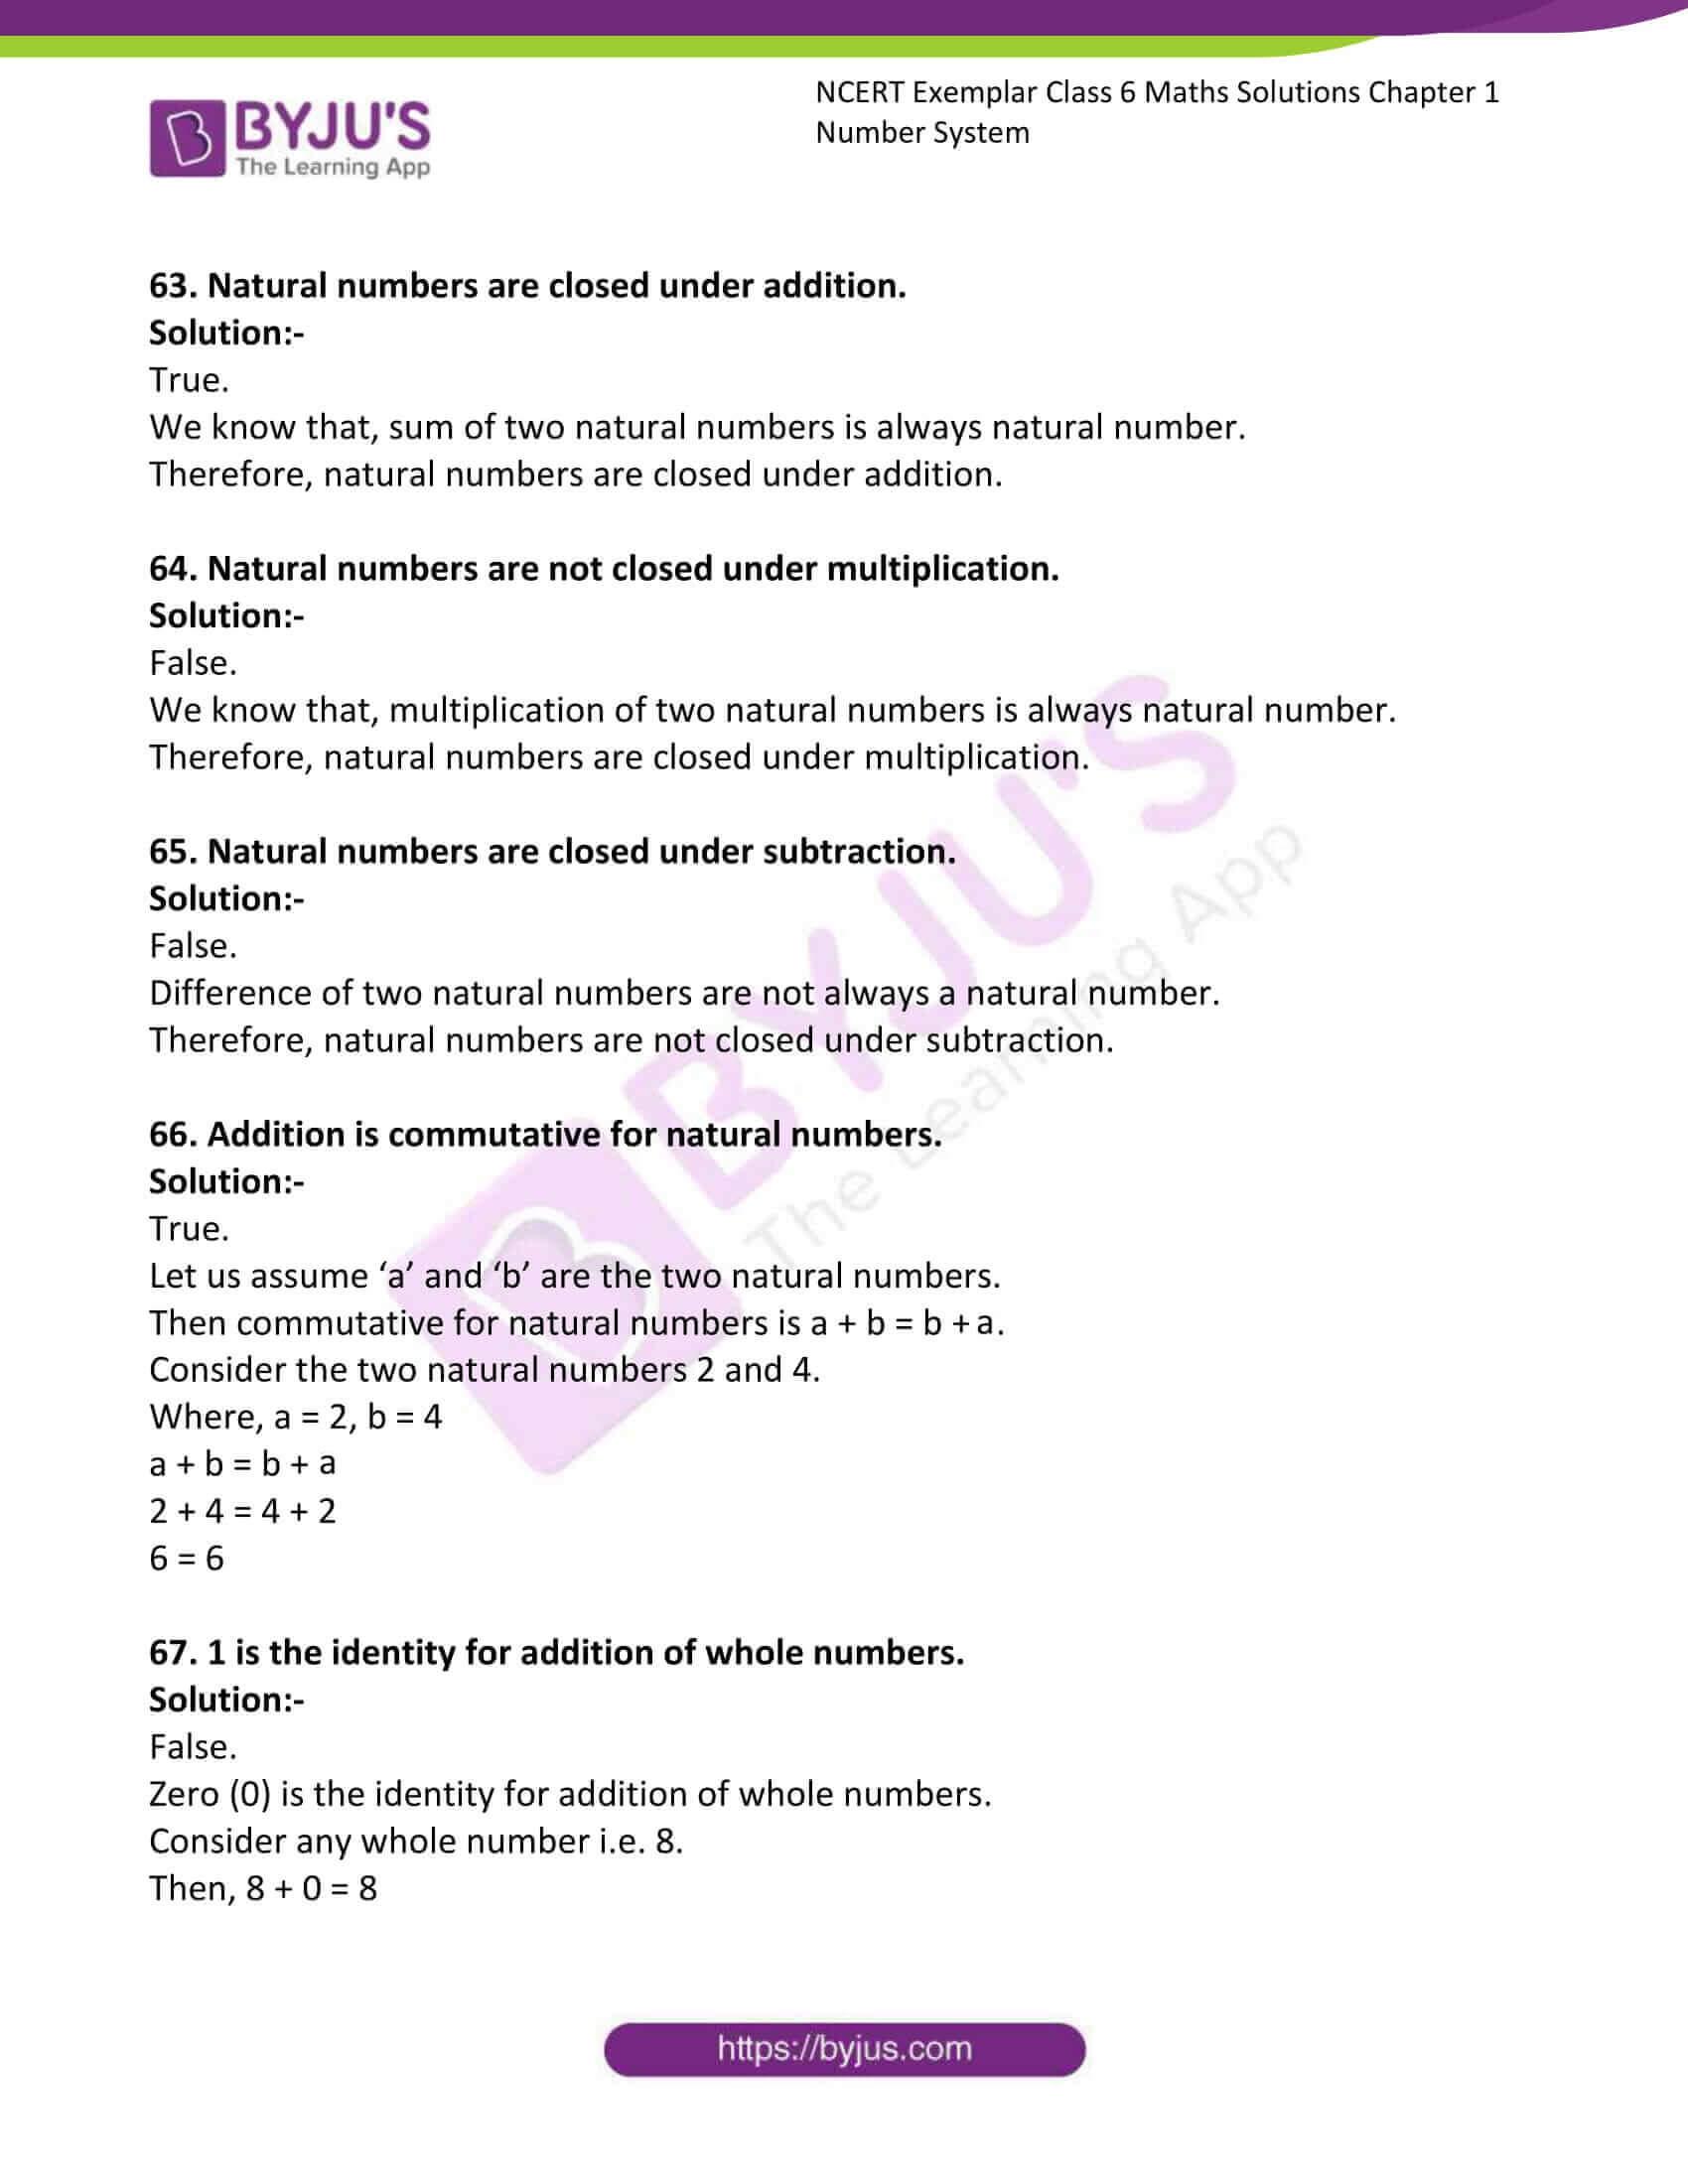 ncert exemplar class 6 maths sol ch 1 16